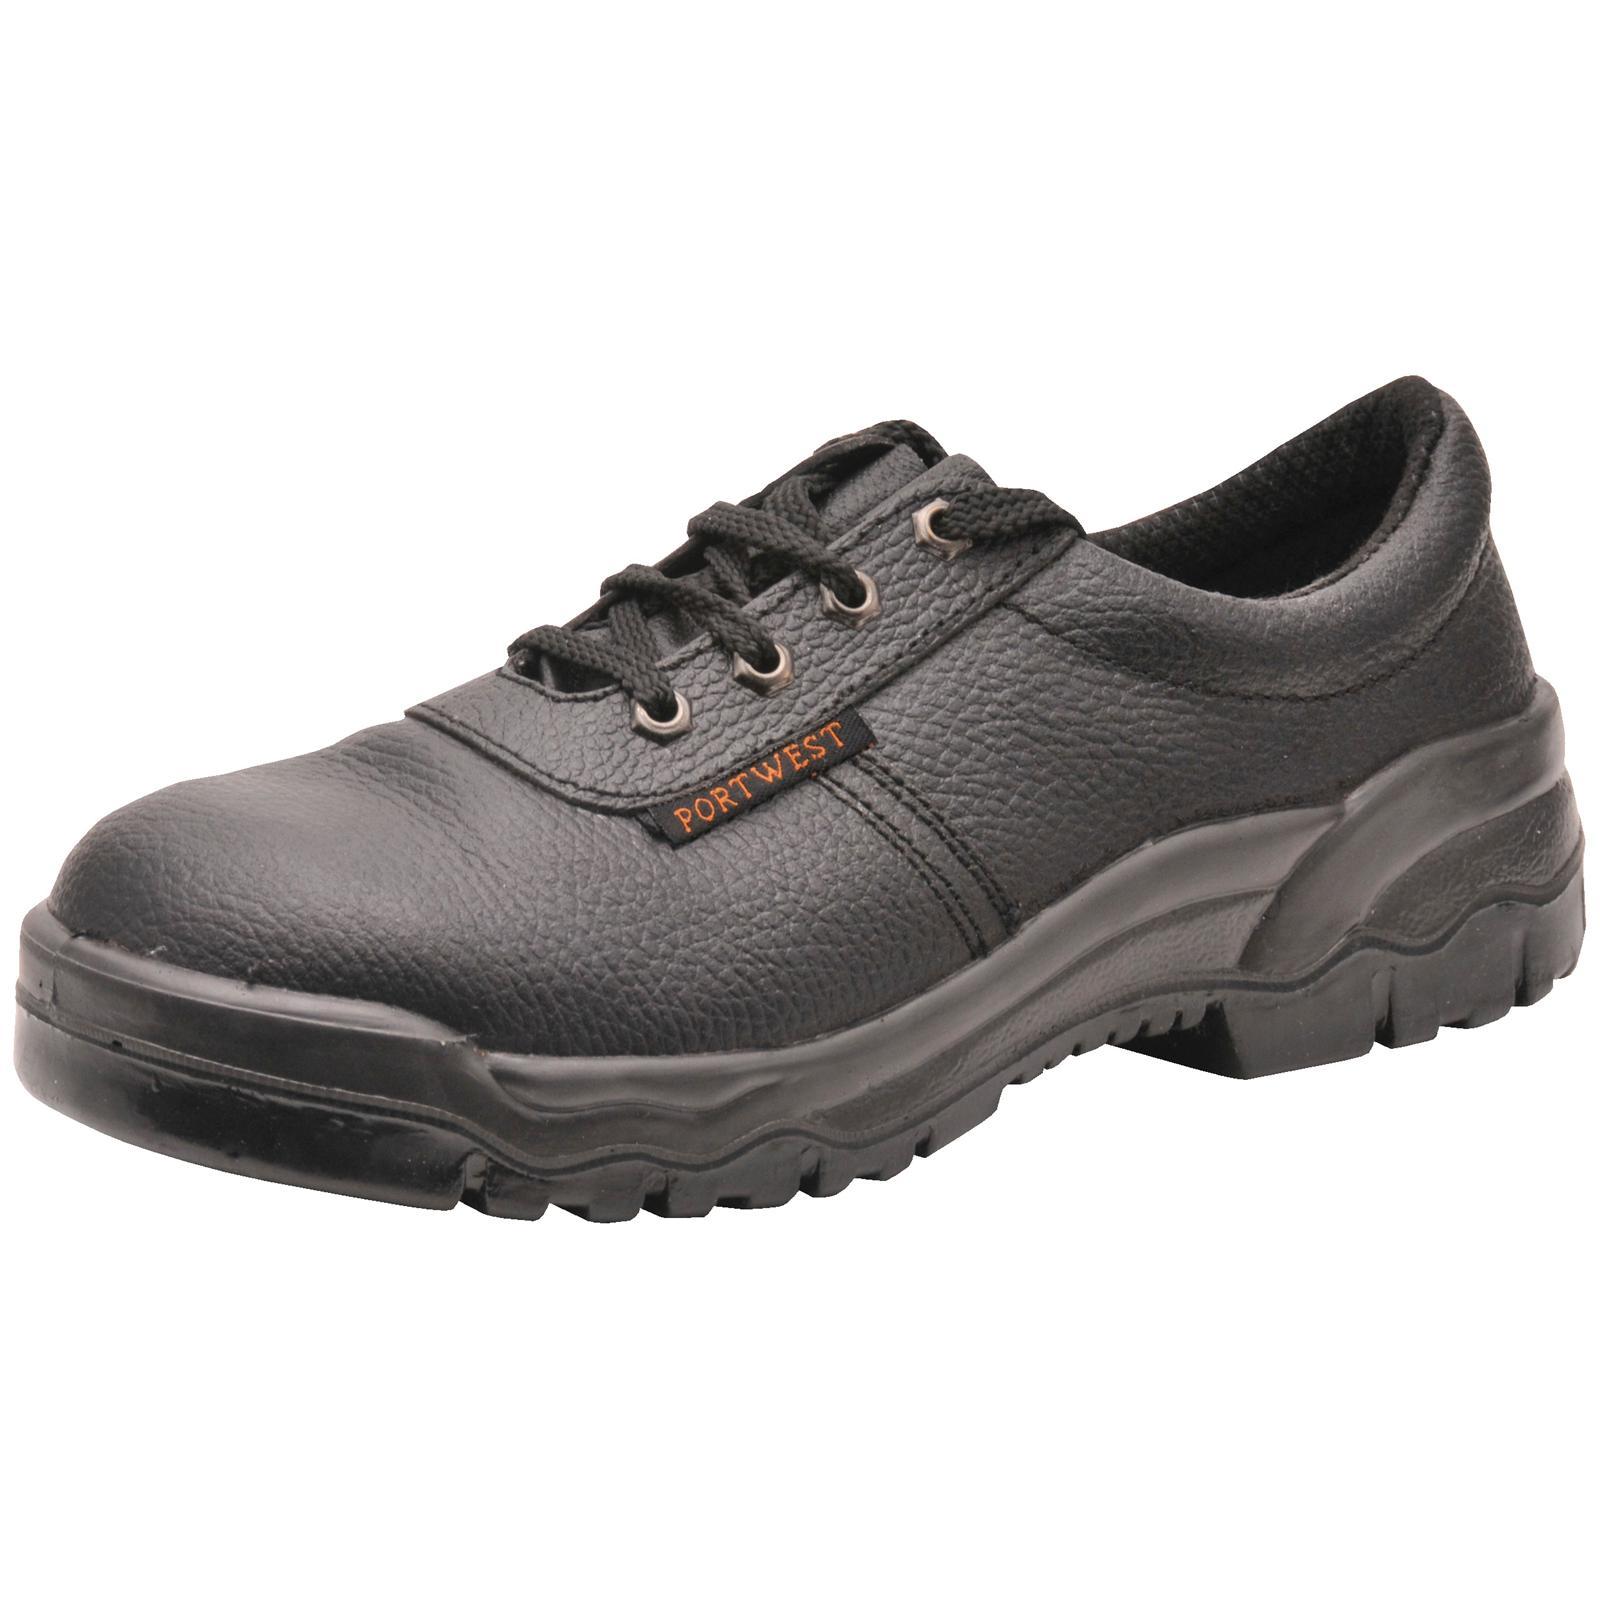 Negro (Black/Dark Chocolate) Zapatos Portwest para hombre  39 EU GBDuFe6